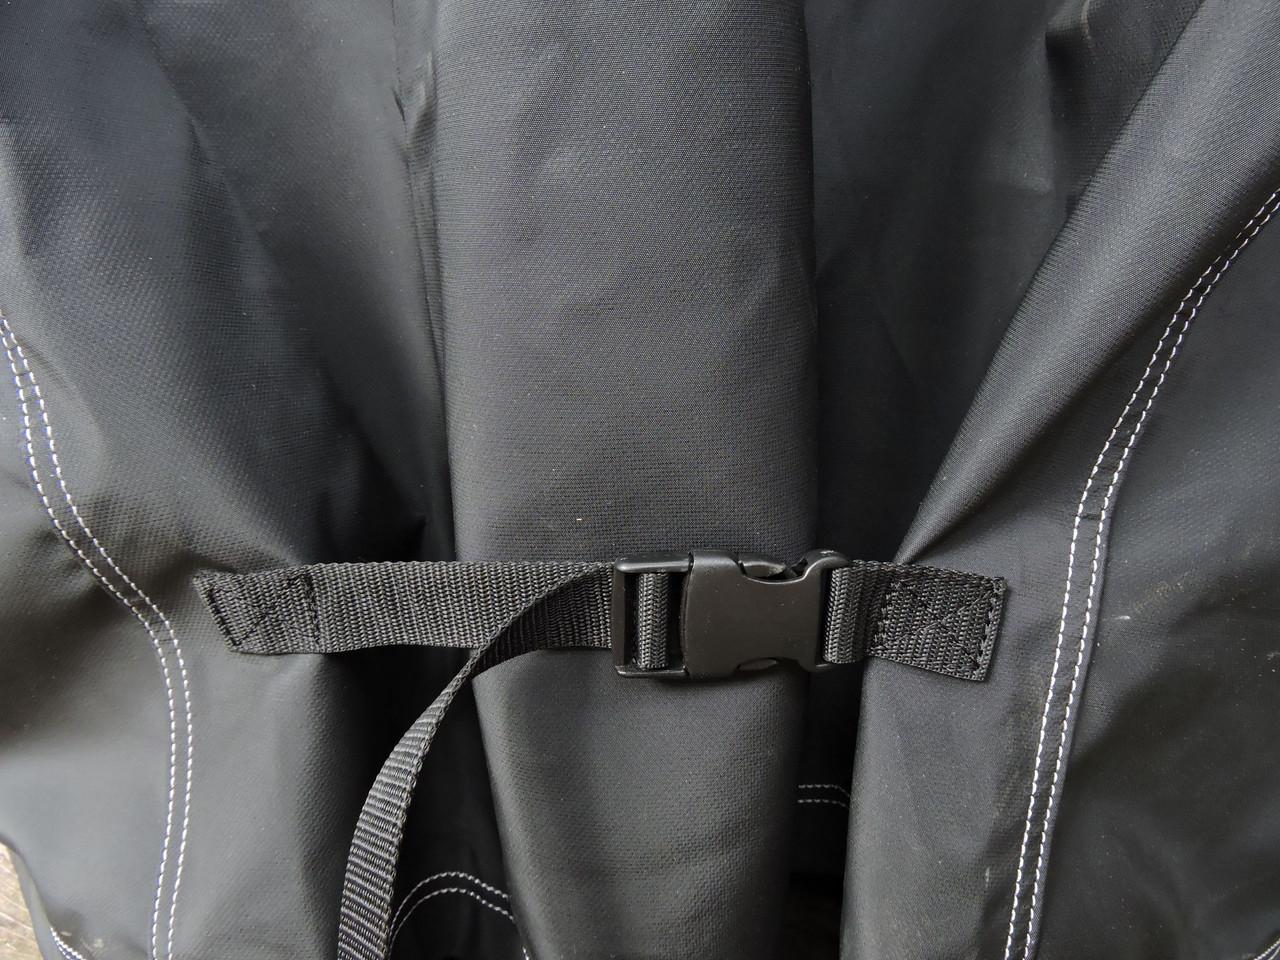 Tundra Supreme Grill Cover; Convenient side tension straps